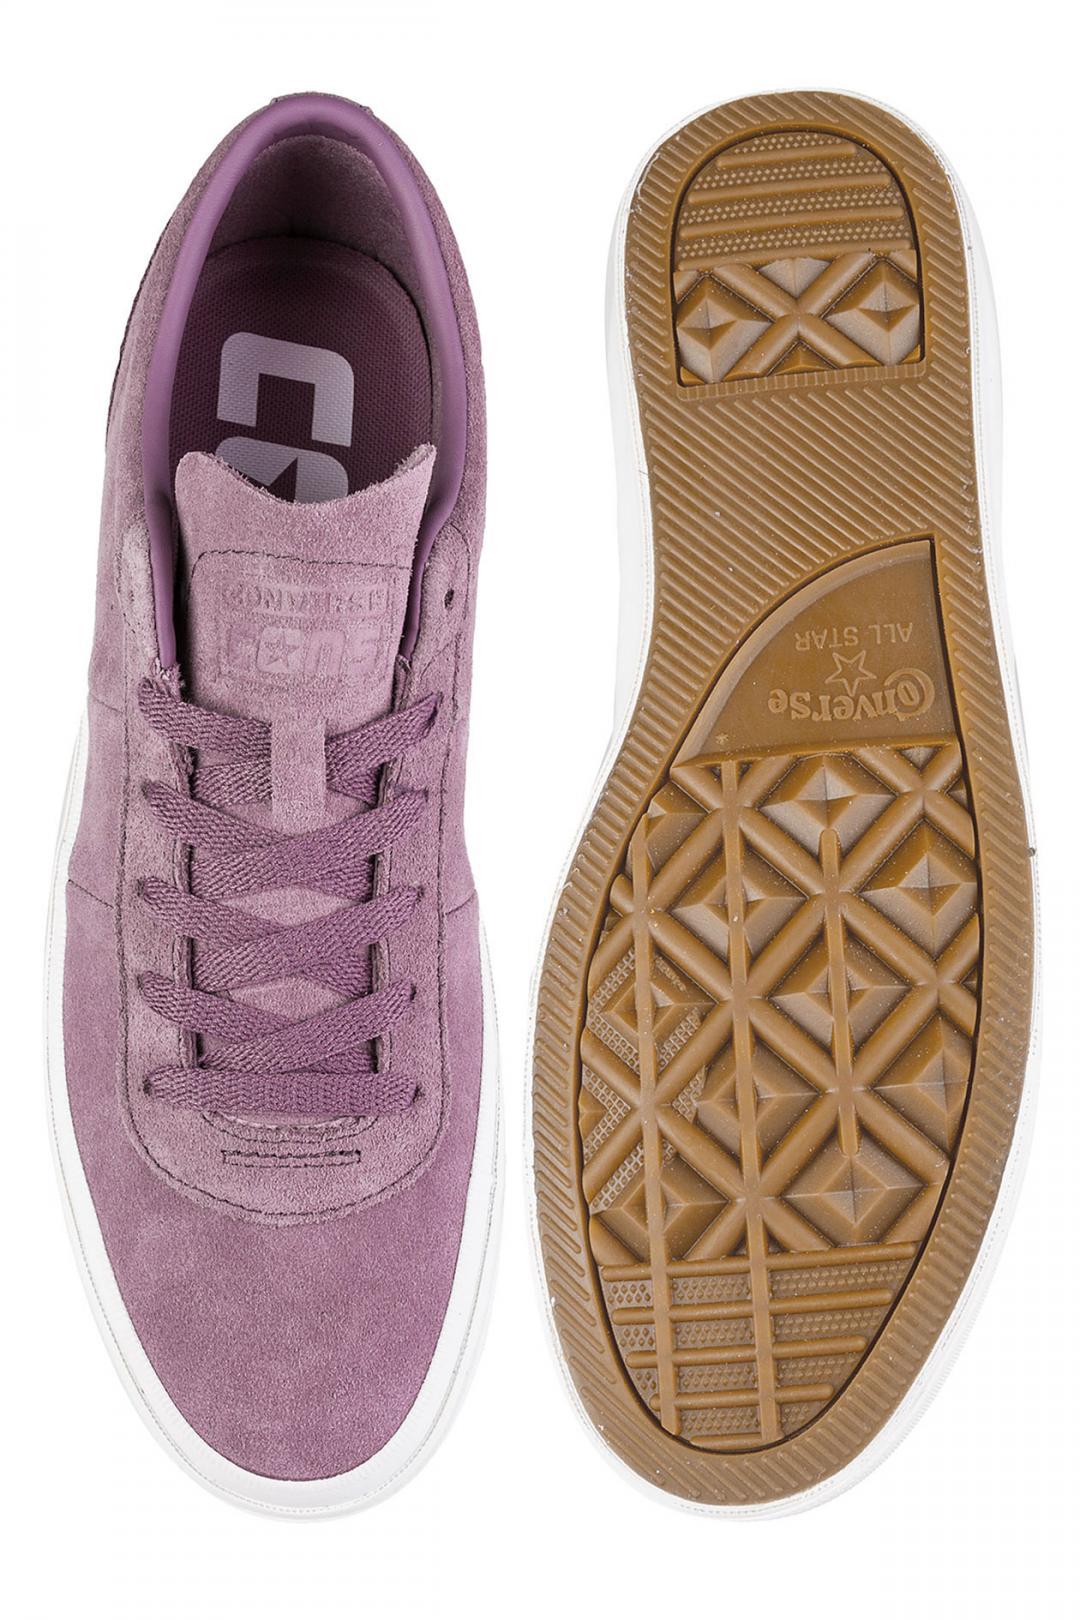 Uomo Converse One Star CC Pro Ox violet dust icon violet white | Scarpe da skate